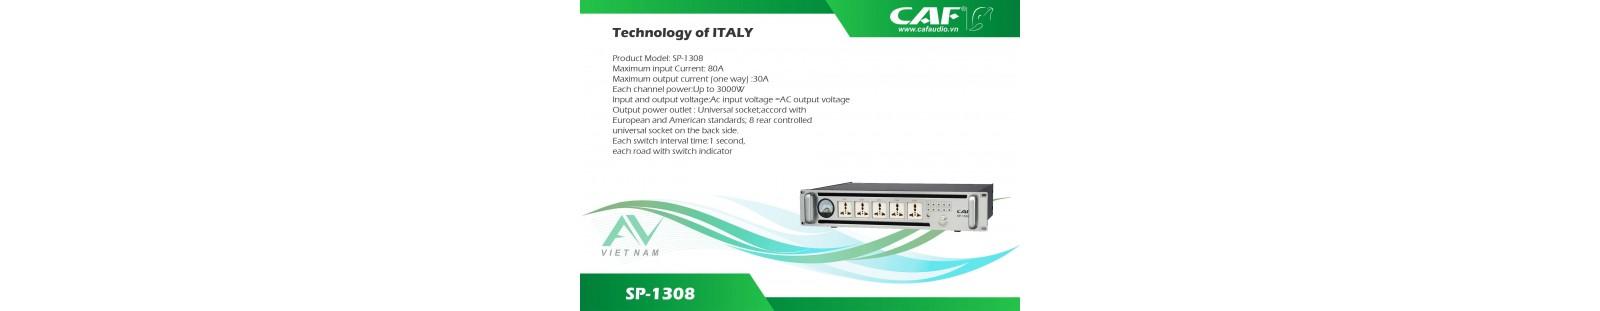 CAF SP 1308